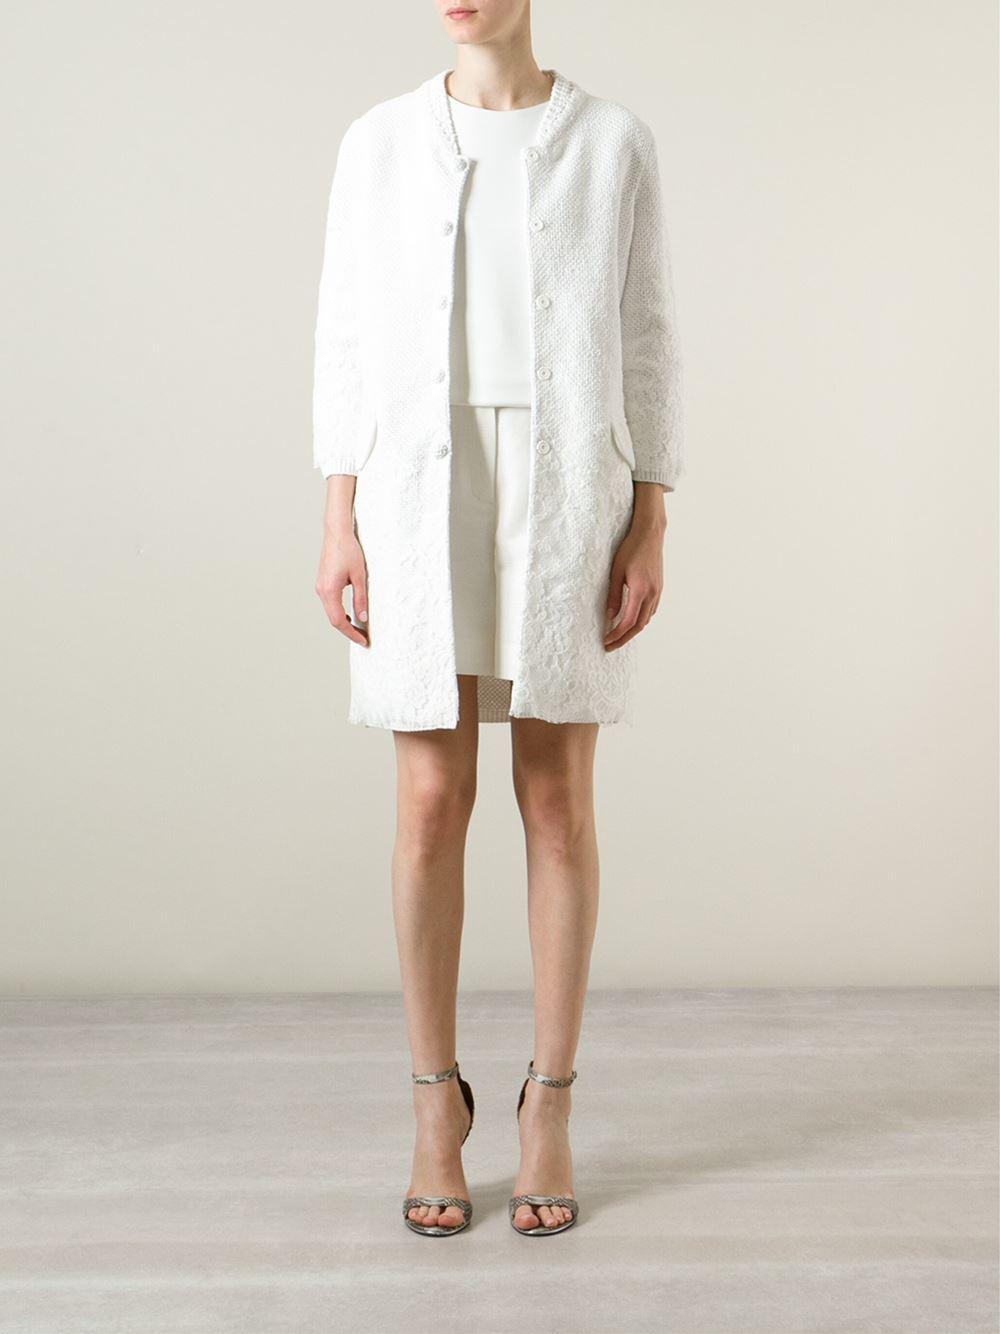 Ermanno scervino Cotton Lace Coat in White | Lyst